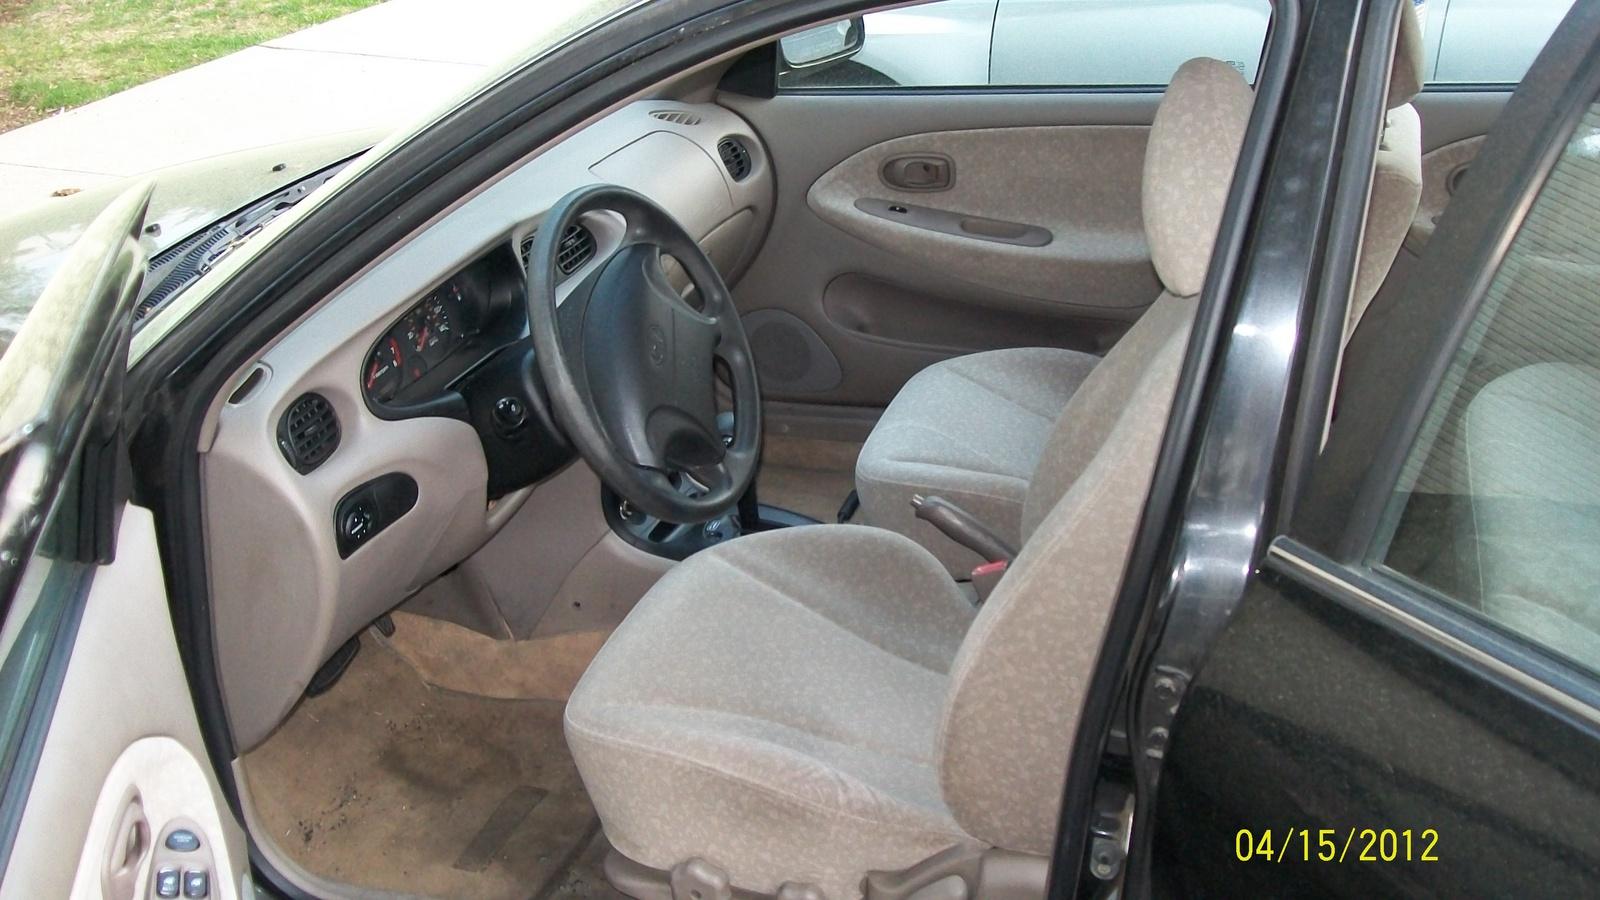 2000 Hyundai Elantra Interior Pictures Cargurus